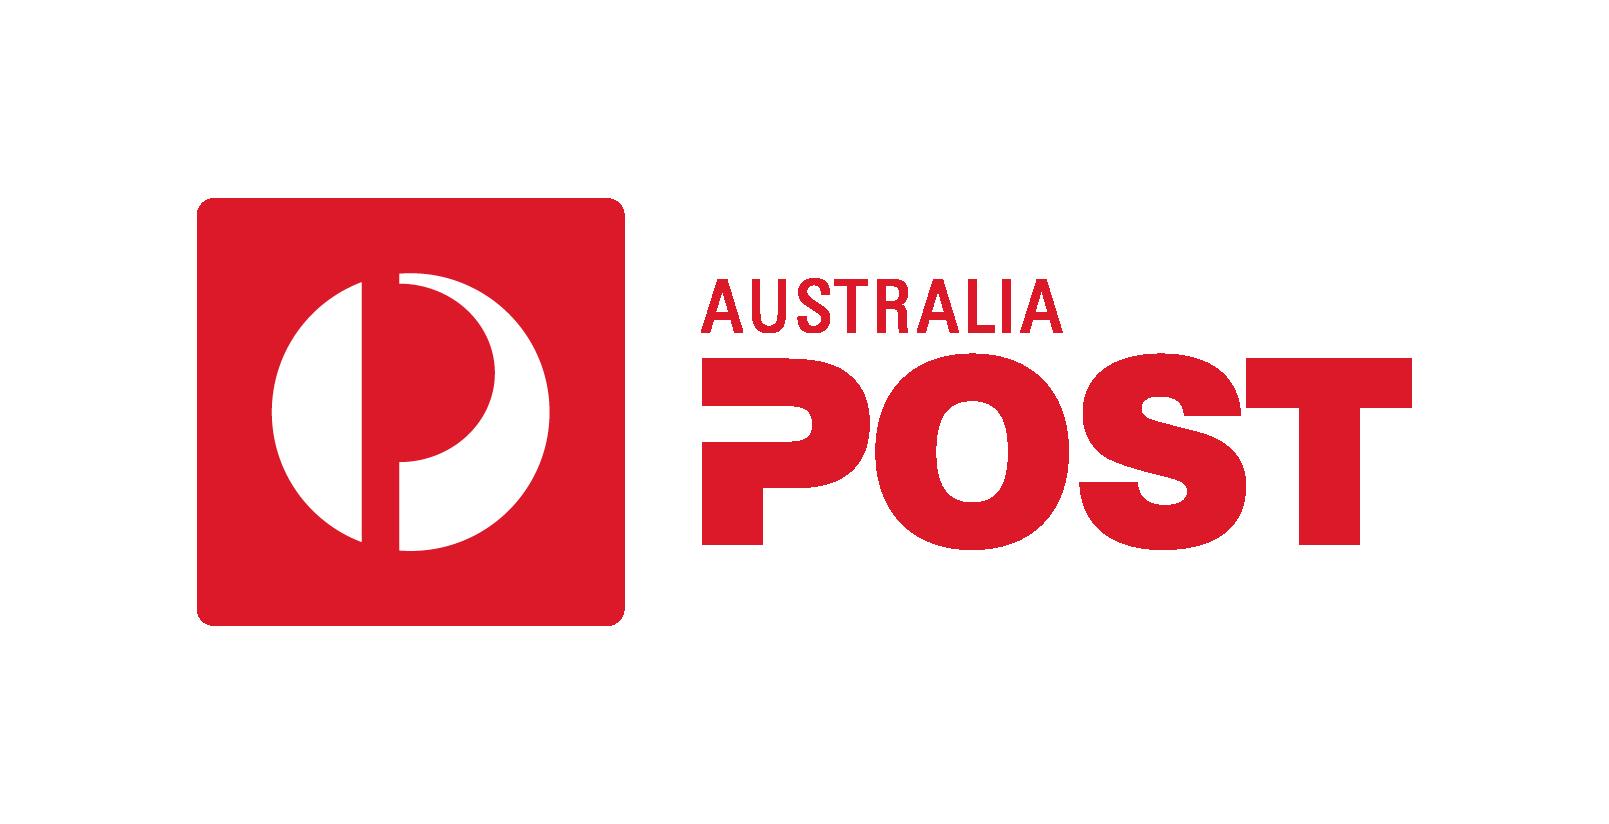 Our Sponsor Australia Post